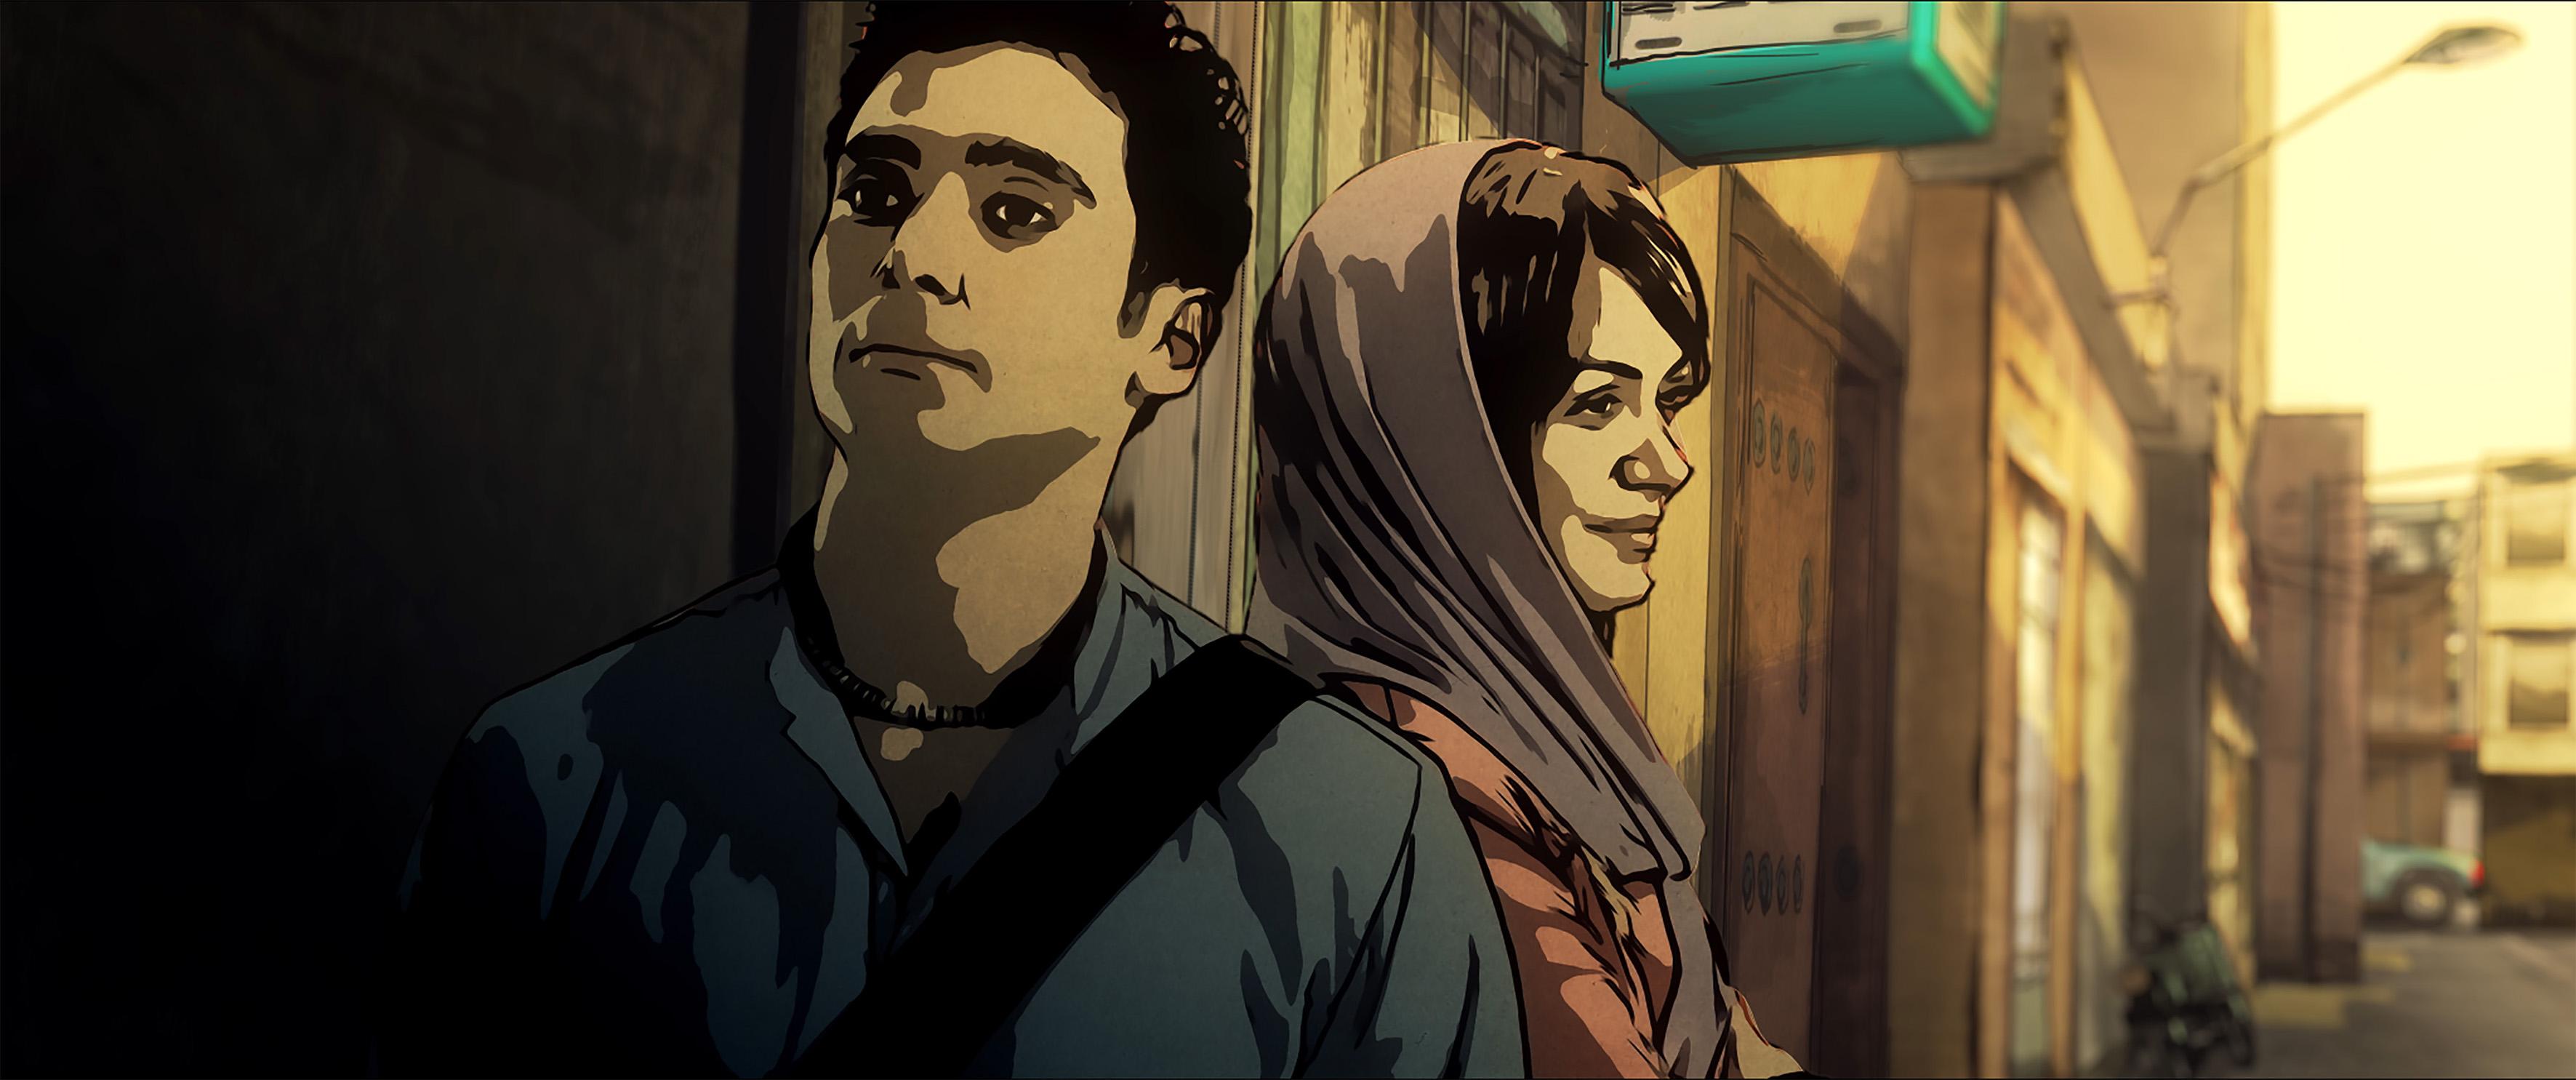 Babak und Donya auf der Straße © Filmladen Filmverleih